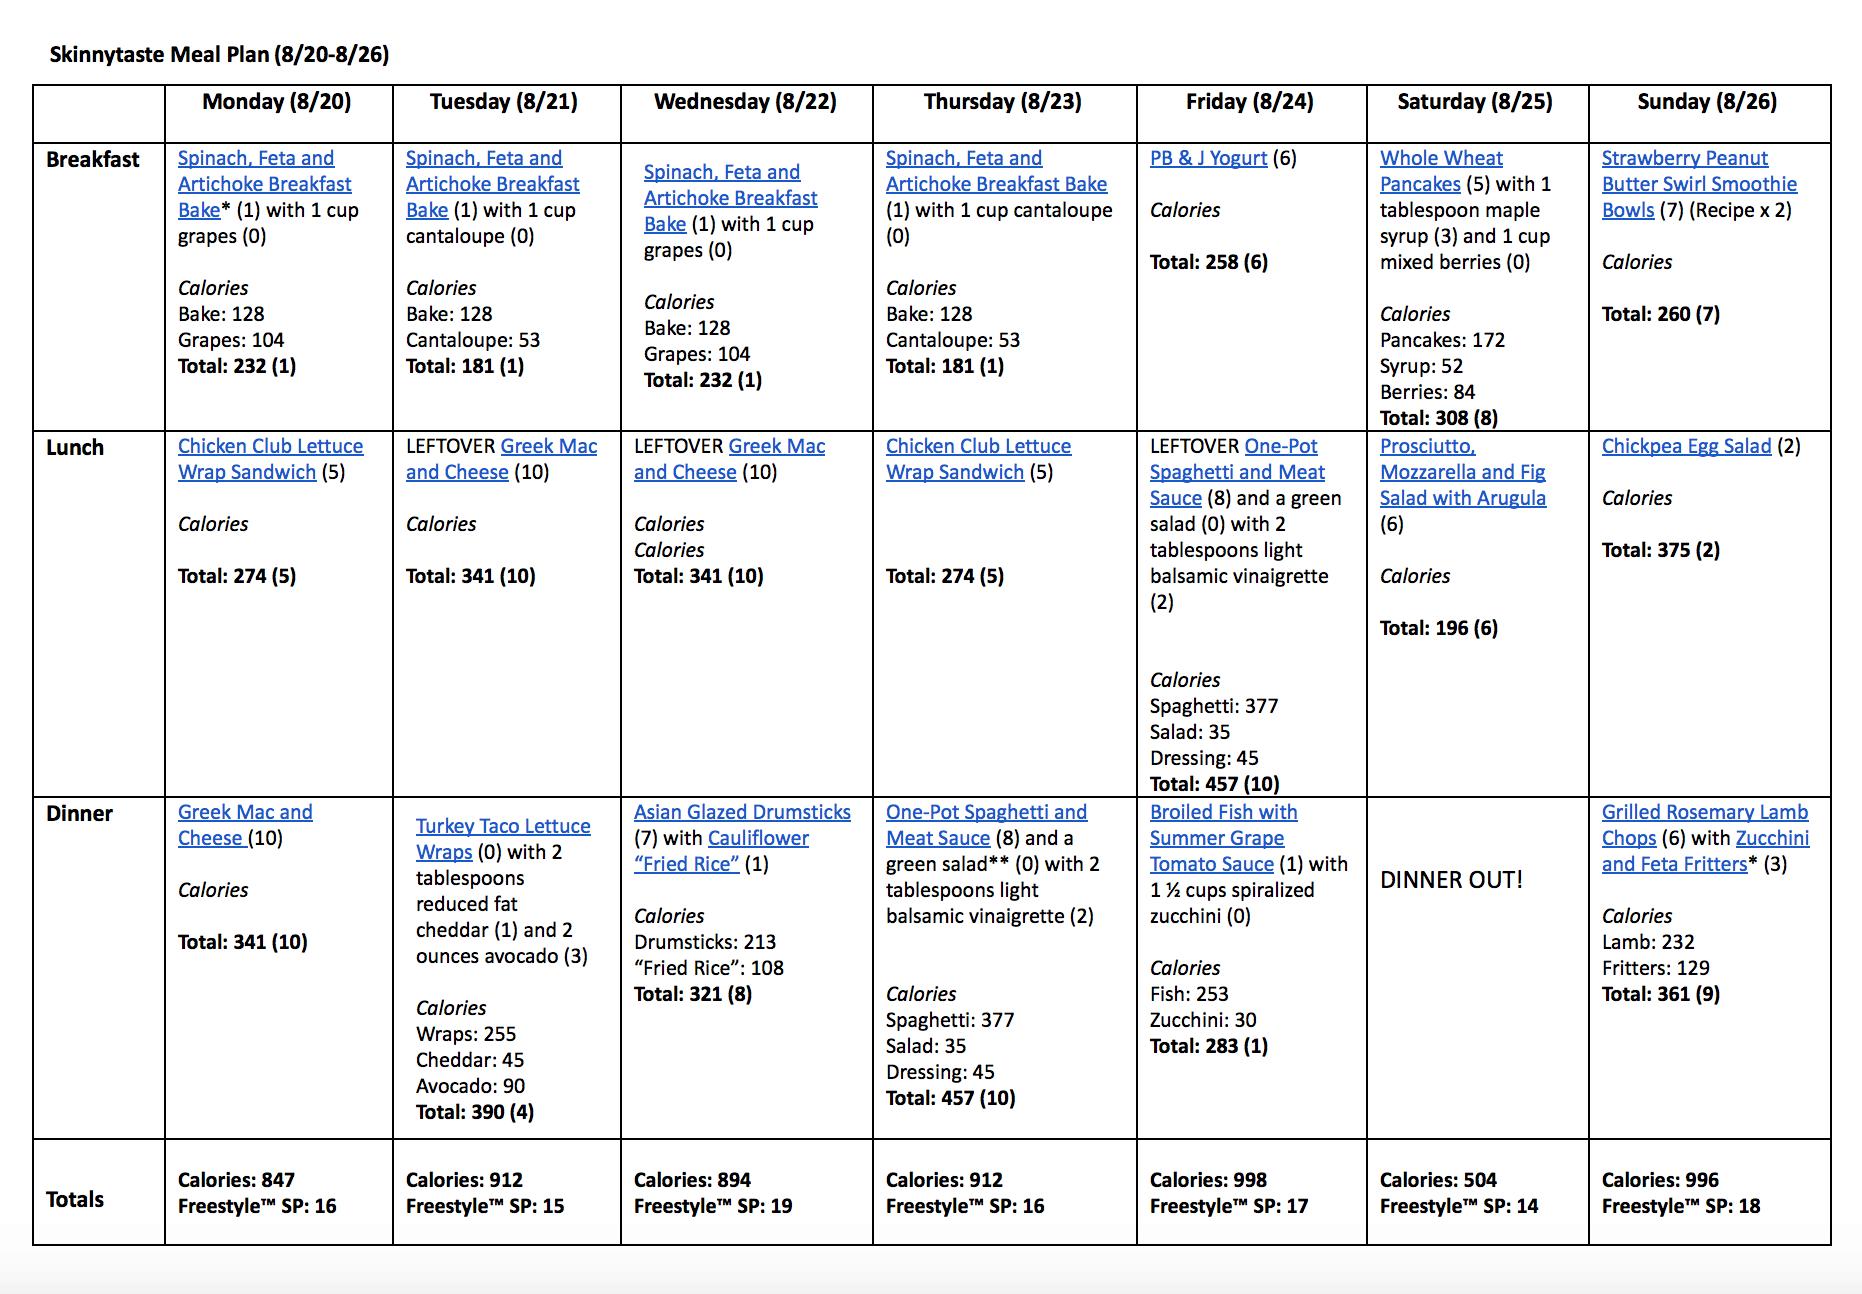 Skinnytaste Meal Plan (August 20-August 26)